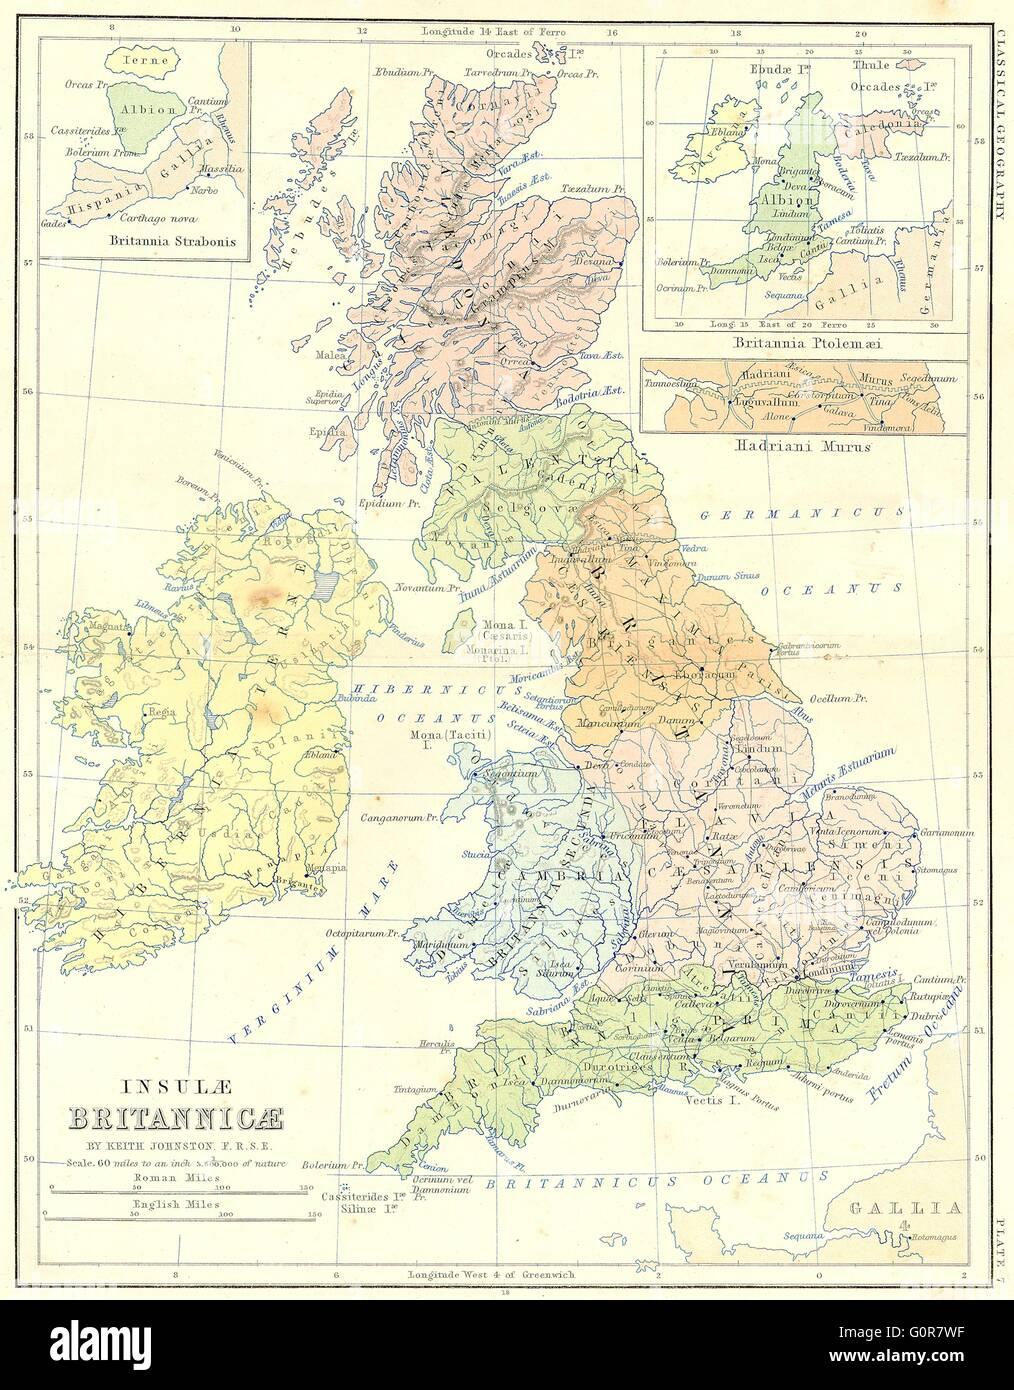 Muro De Adriano Mapa.Britannia Strabonis Ptolemaei El Muro De Adriano 1880